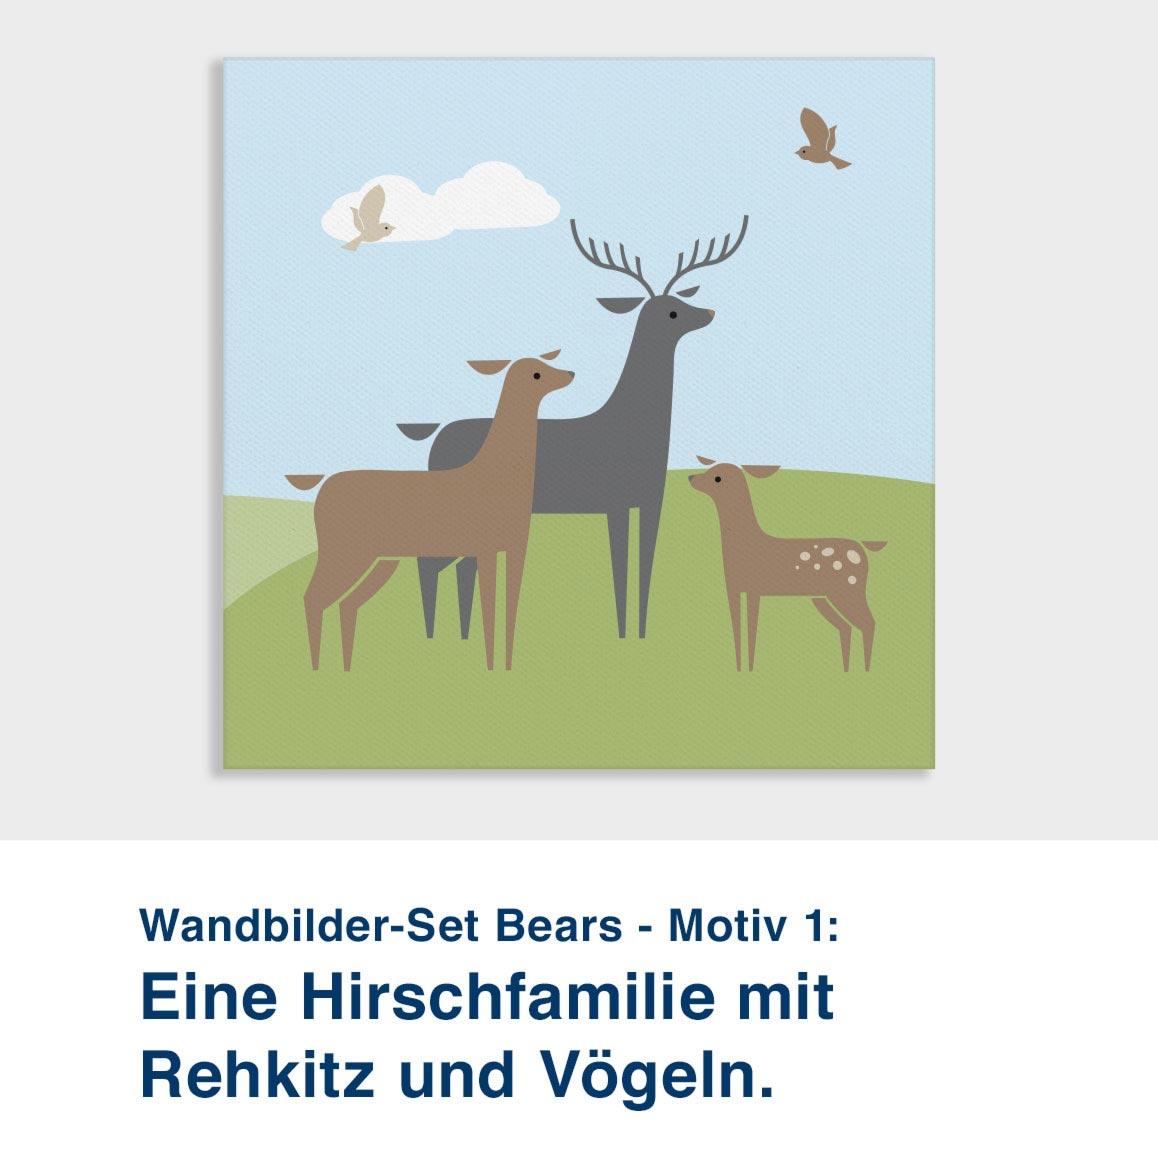 Wandbilder-Set Bears - Motiv 1:  Eine Hirschfamilie mit  Rehkitz und Vögeln.